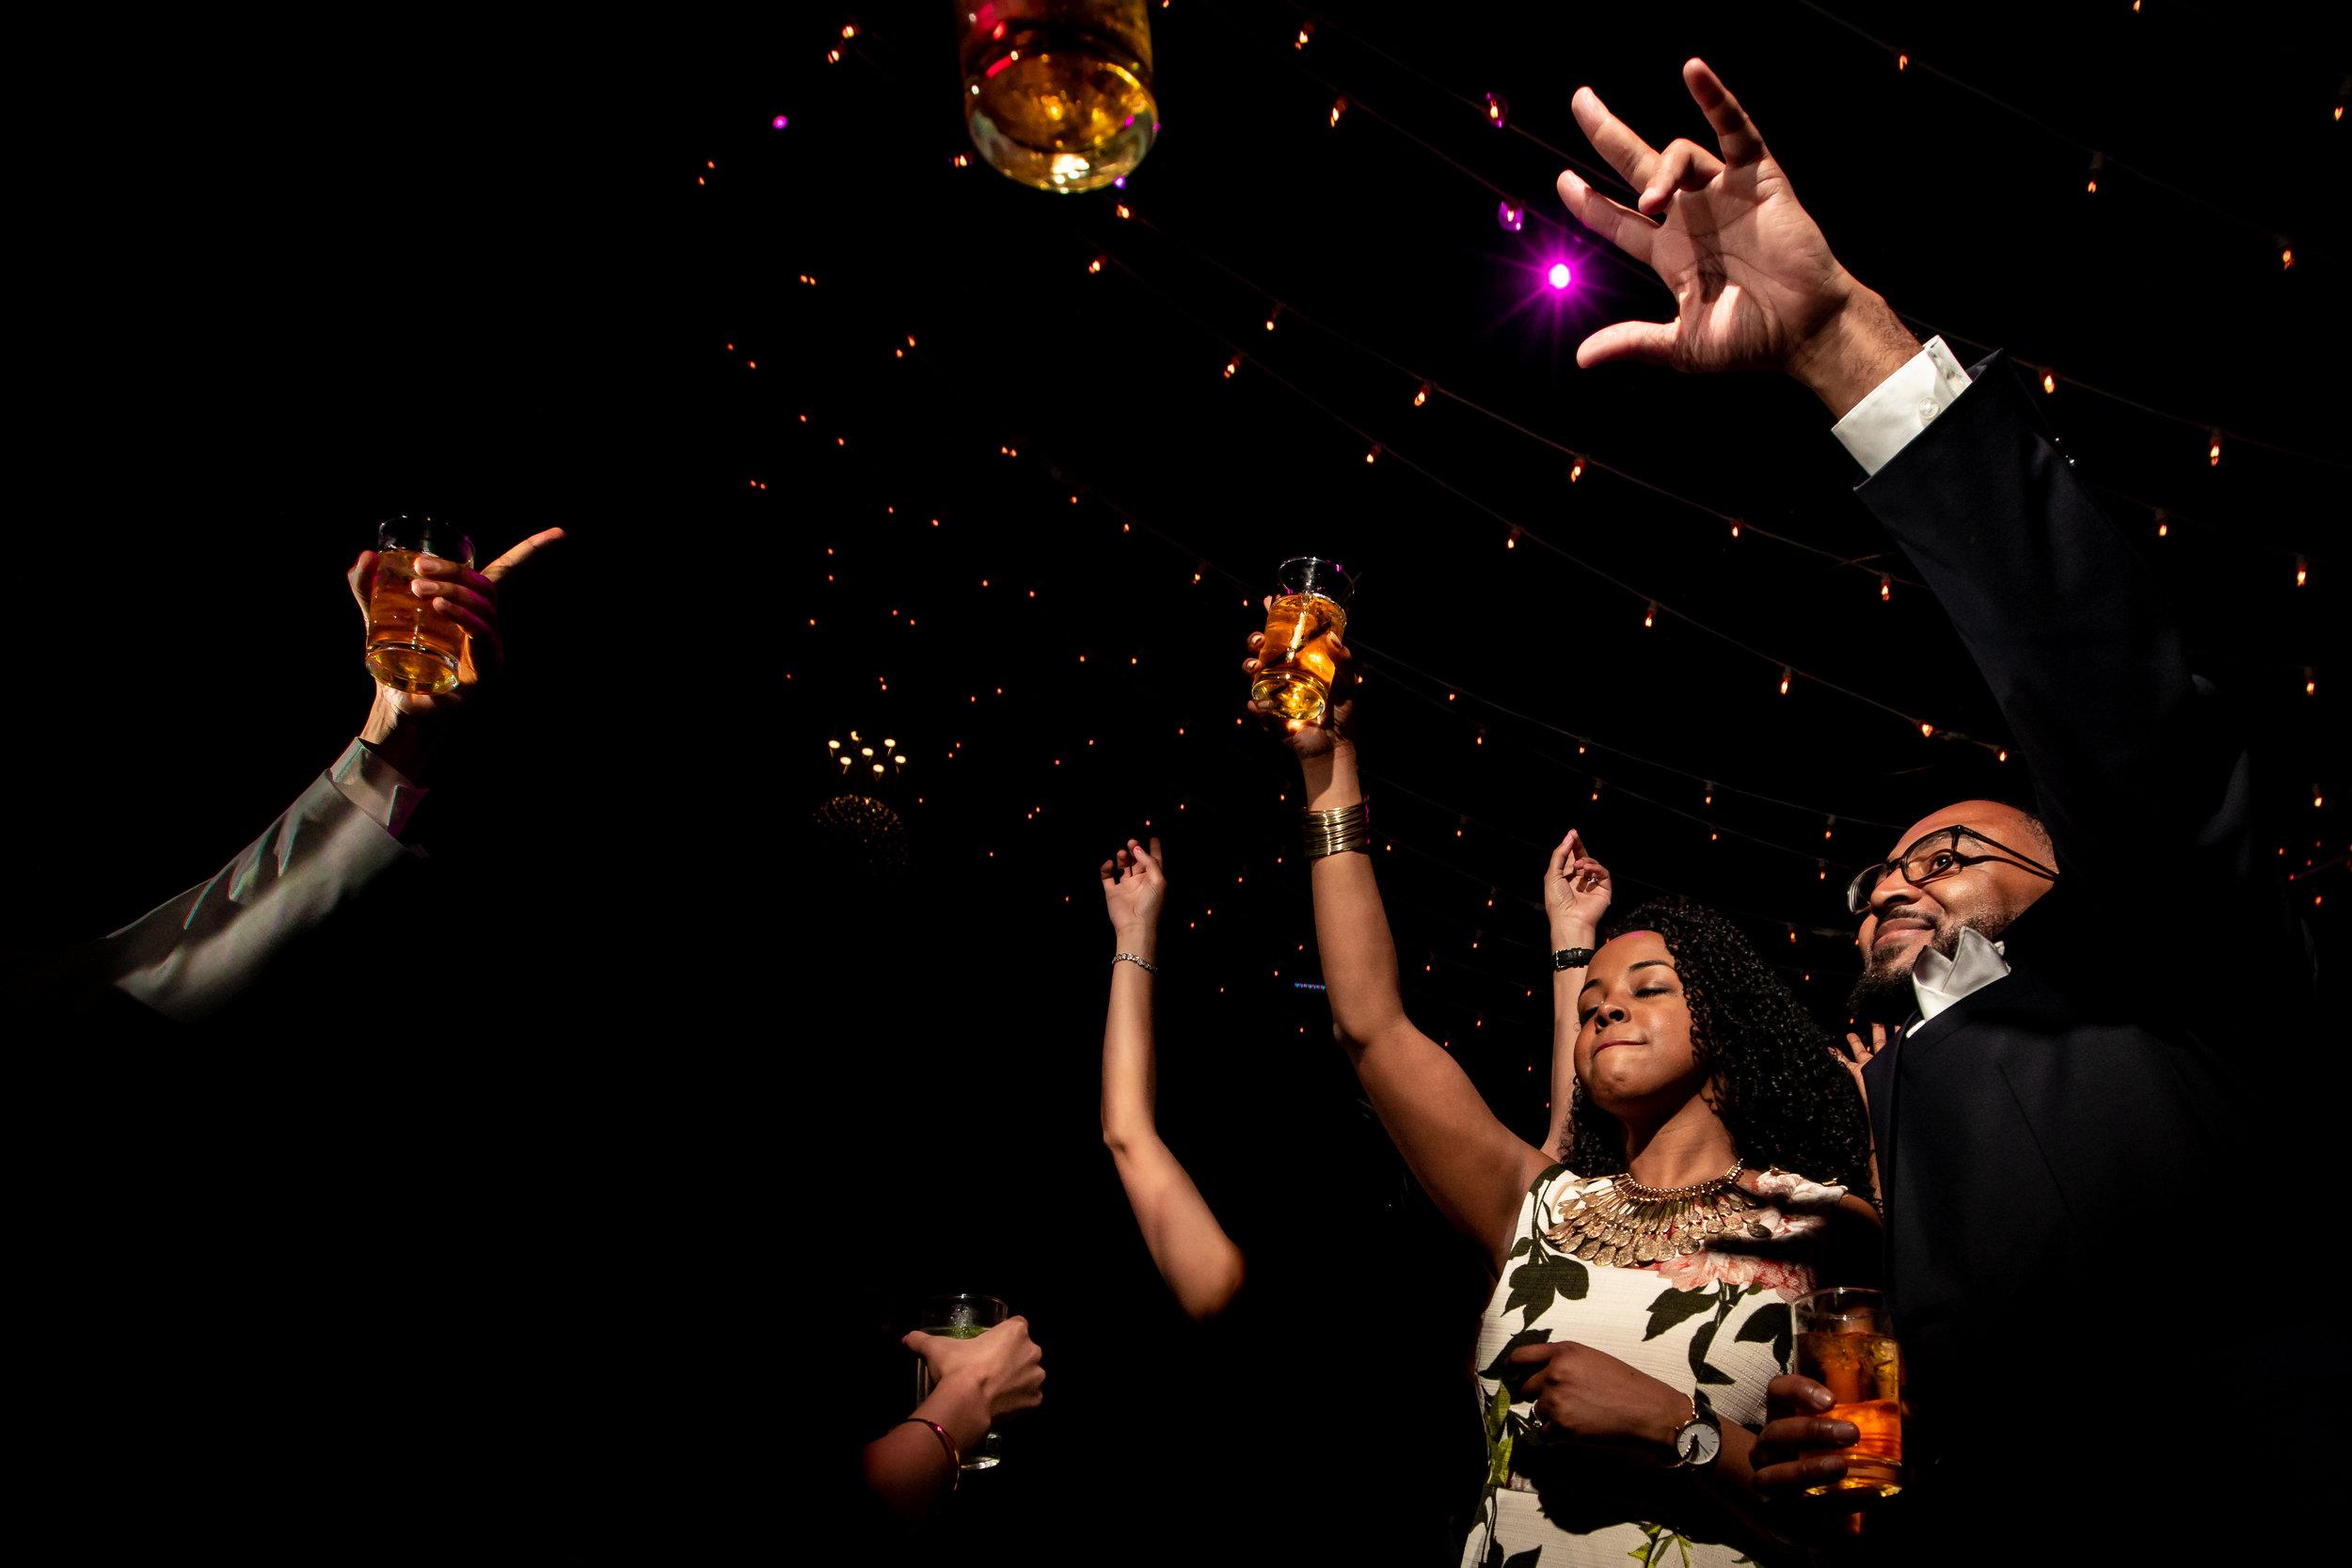 YMG-wedding-photos-70.jpg